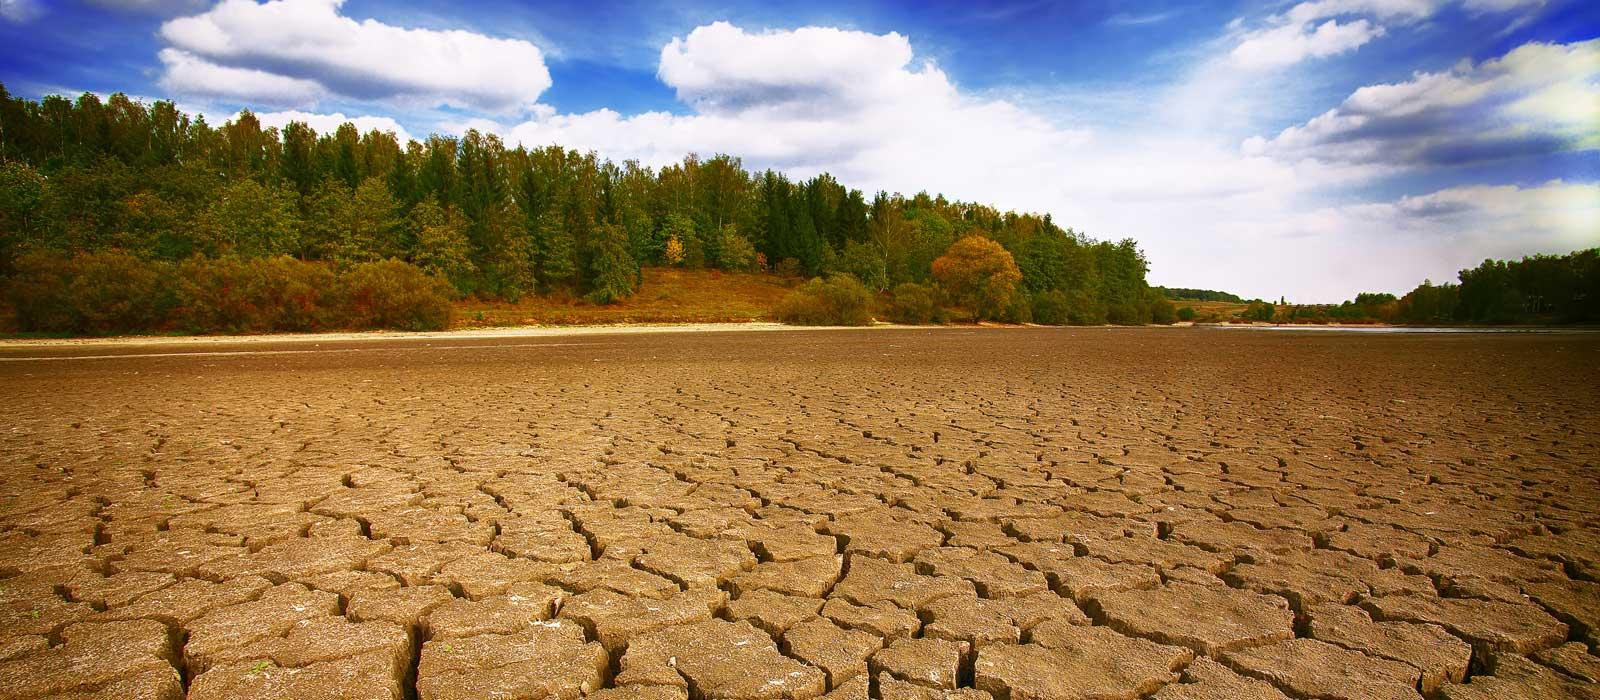 Symbolfoto zeigt eine trockene Landschaft als Symbol für trockene Haut